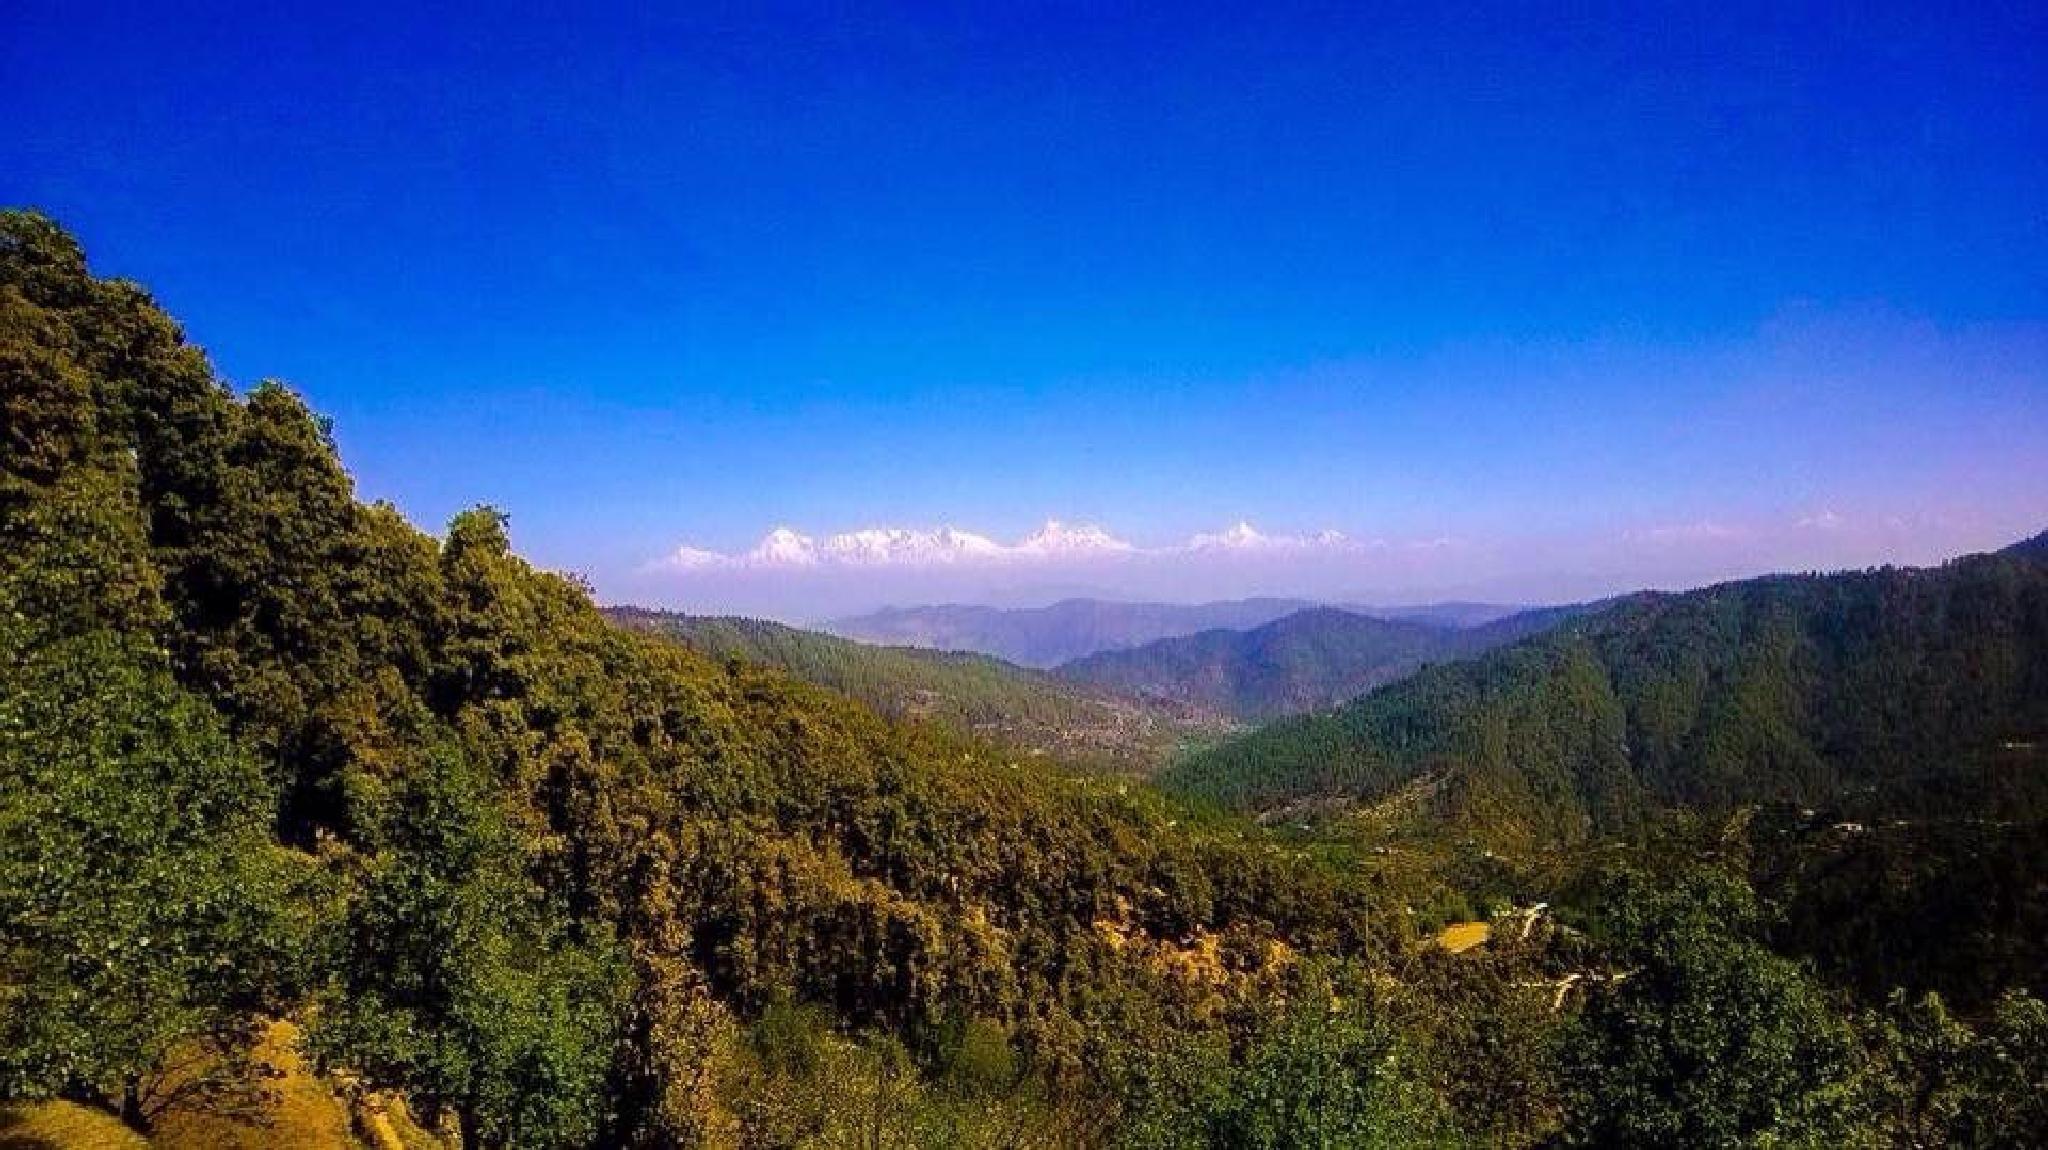 The mighty Himalayas.... by Anjana Chakraborti